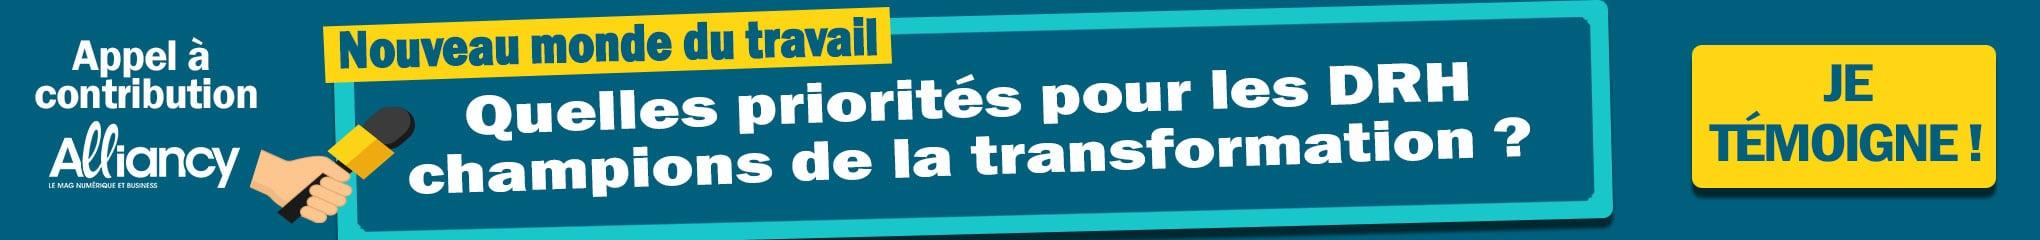 DRH & priorités de transformation- Appel à contribution